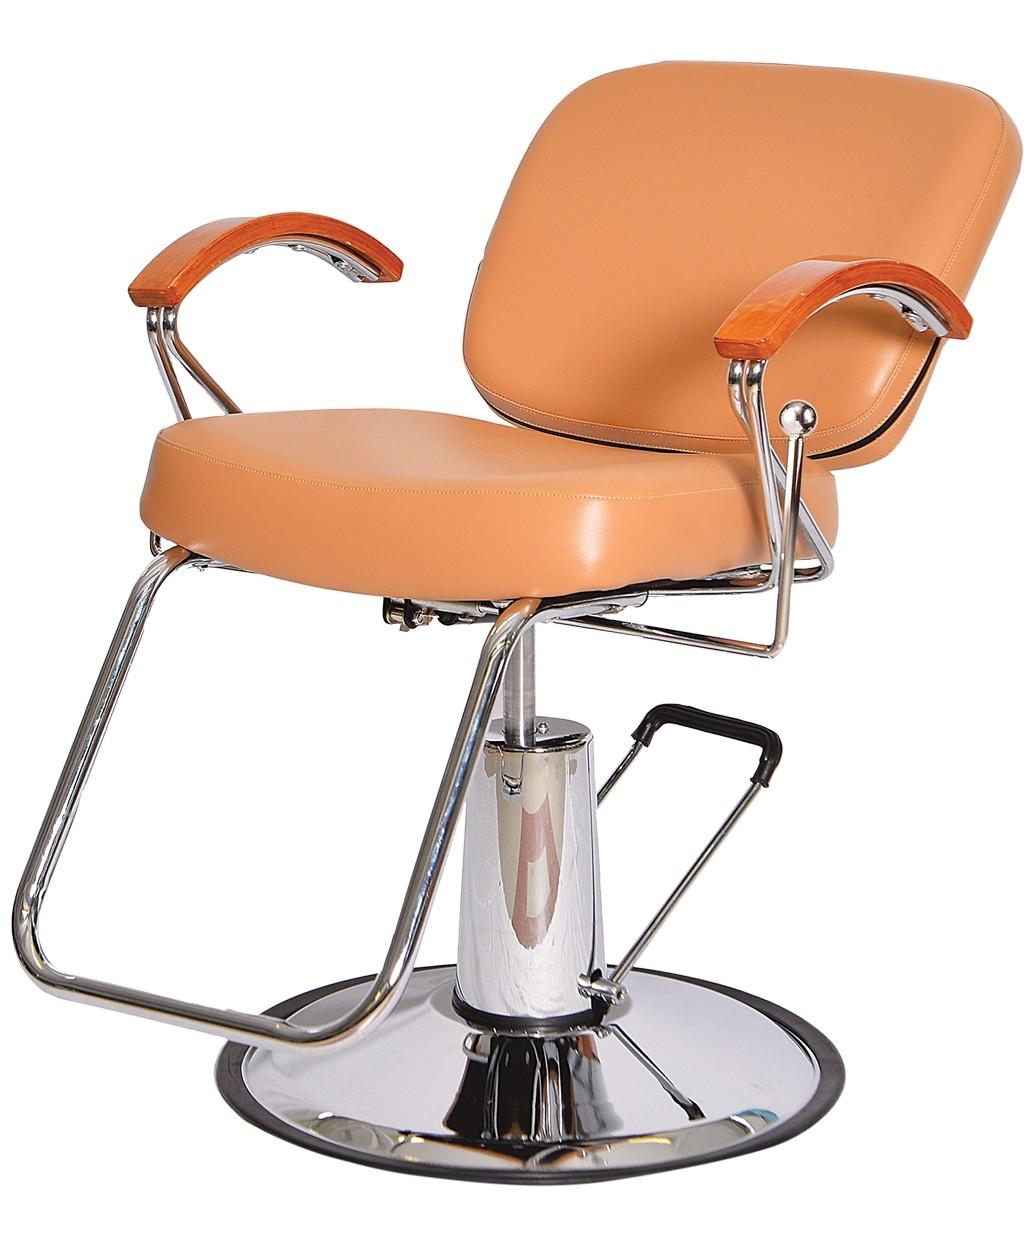 Pibbs 5946 Samantha All Purpose Chair